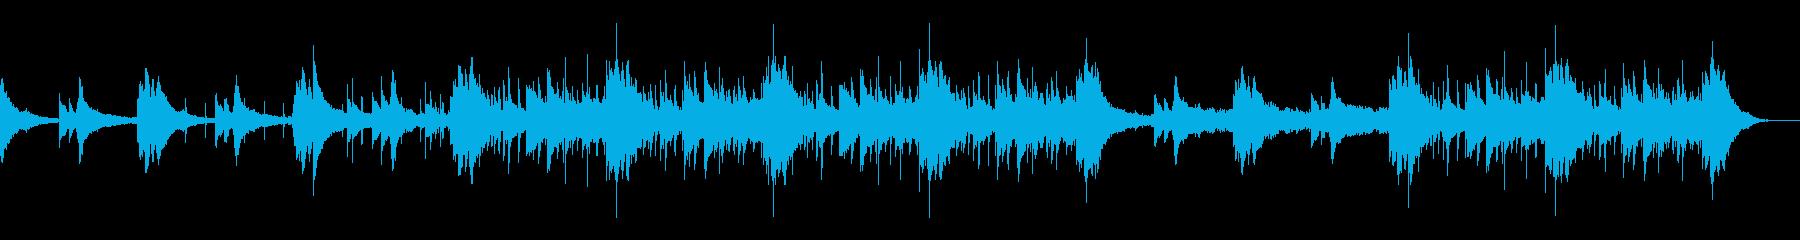 少しジャズでブルージーなBGMの再生済みの波形